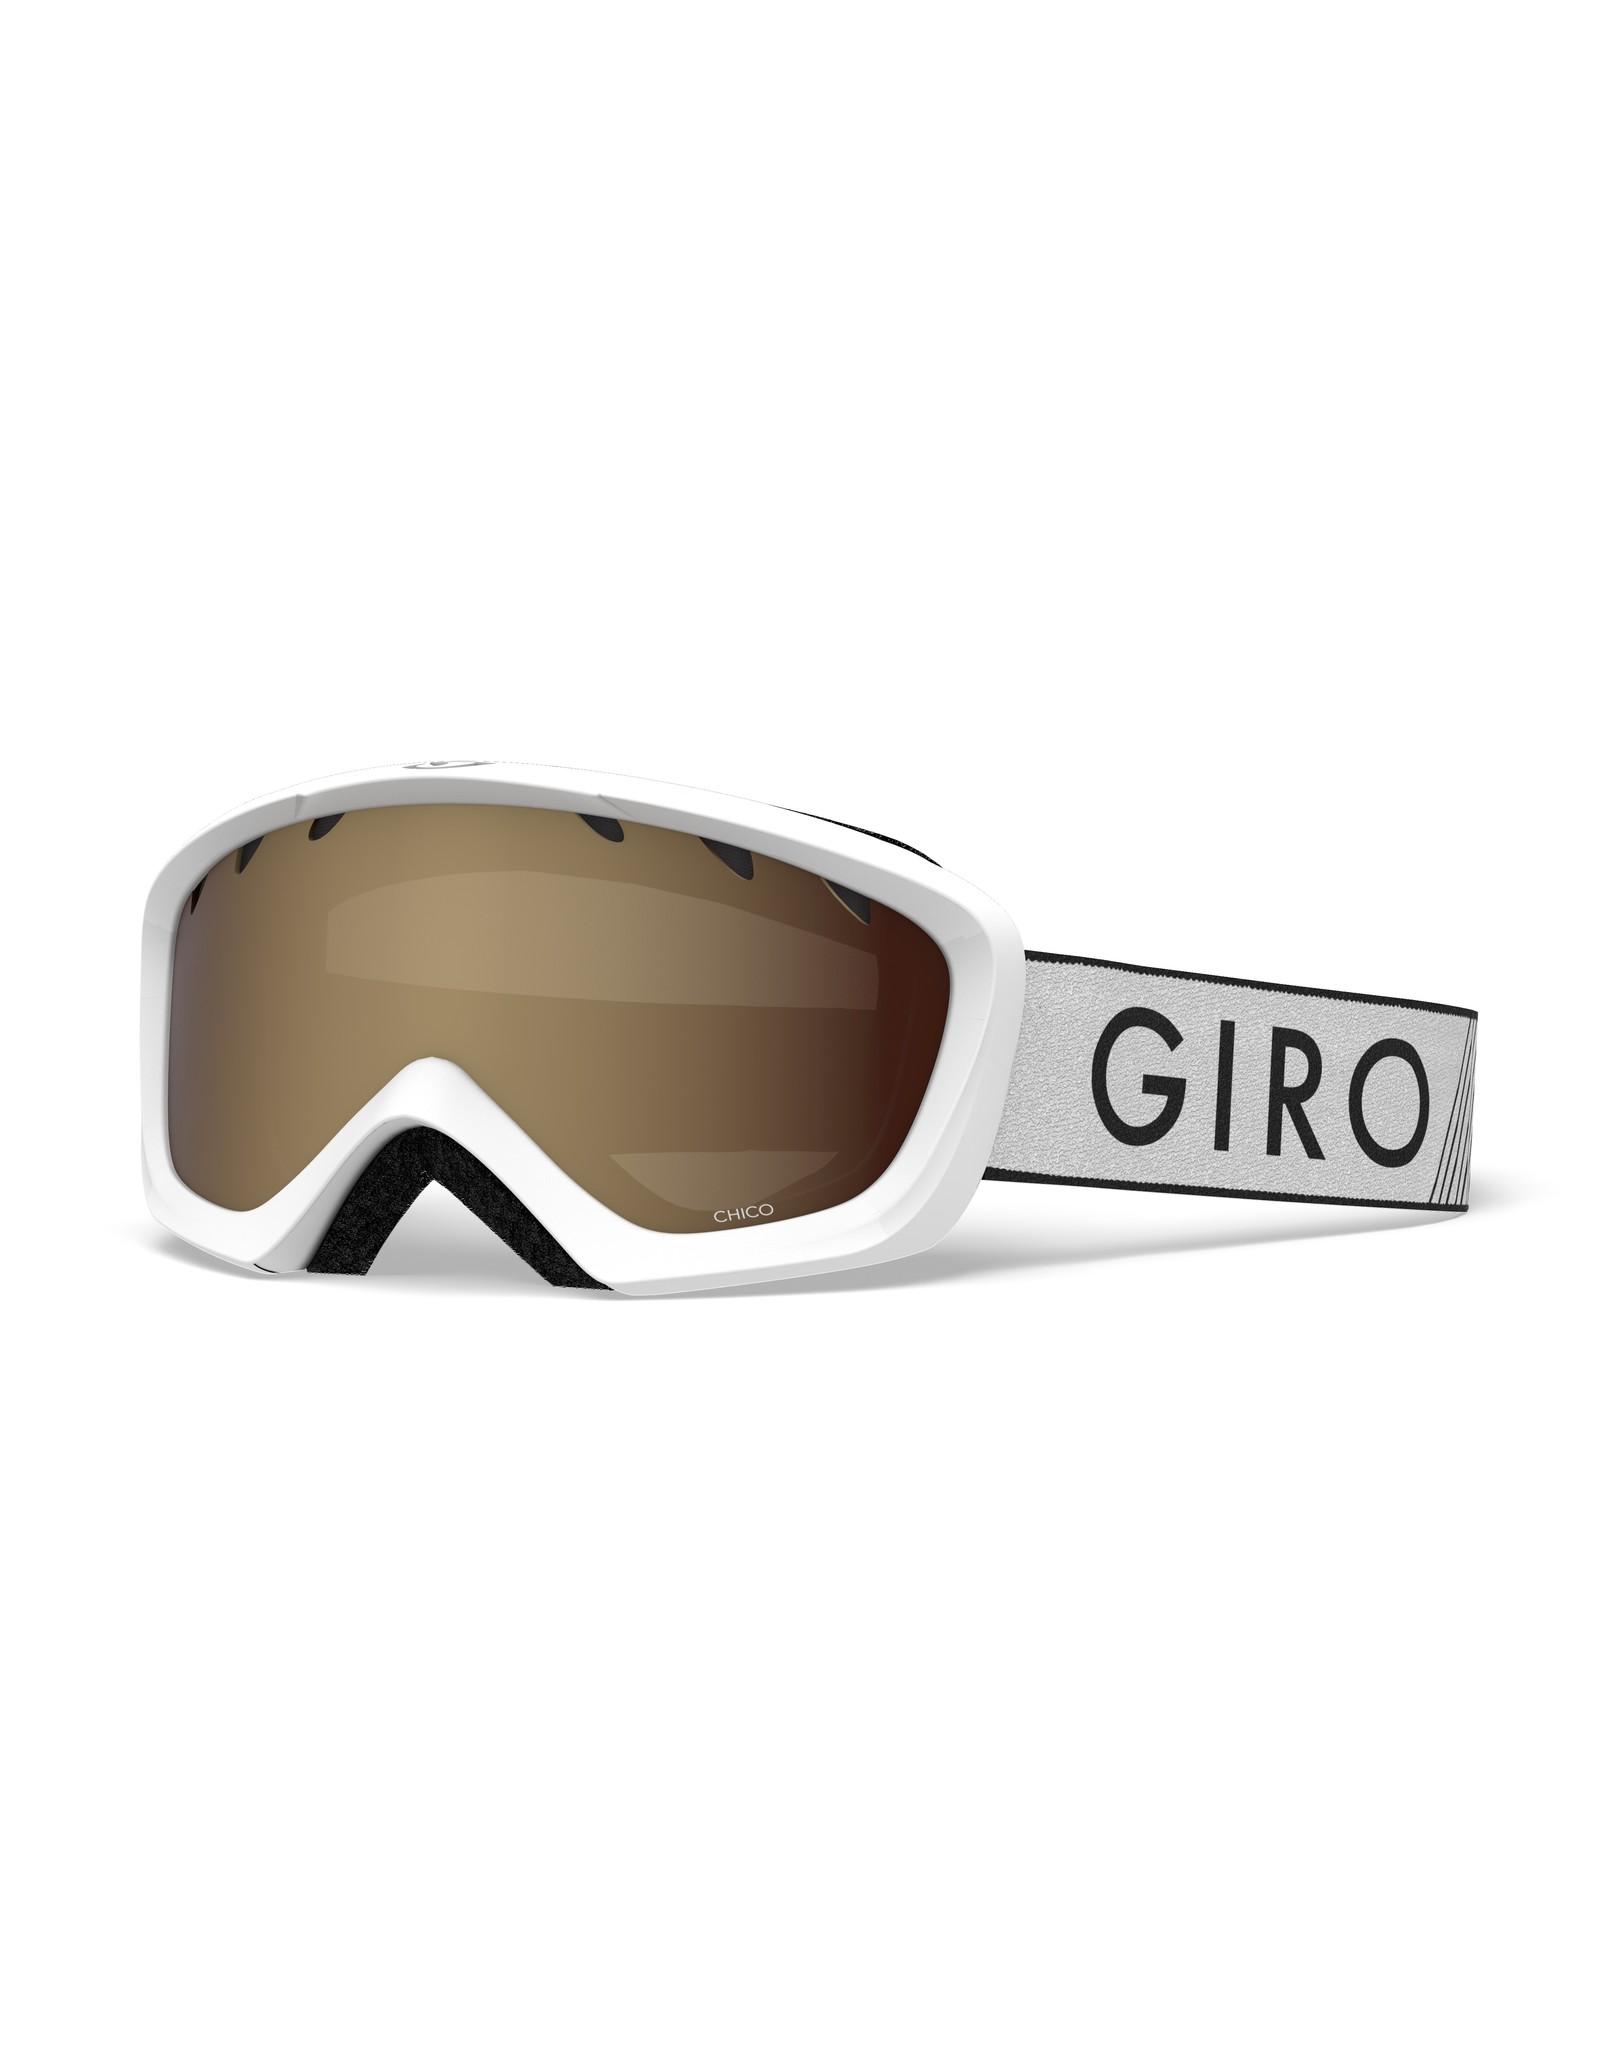 Giro CHICO